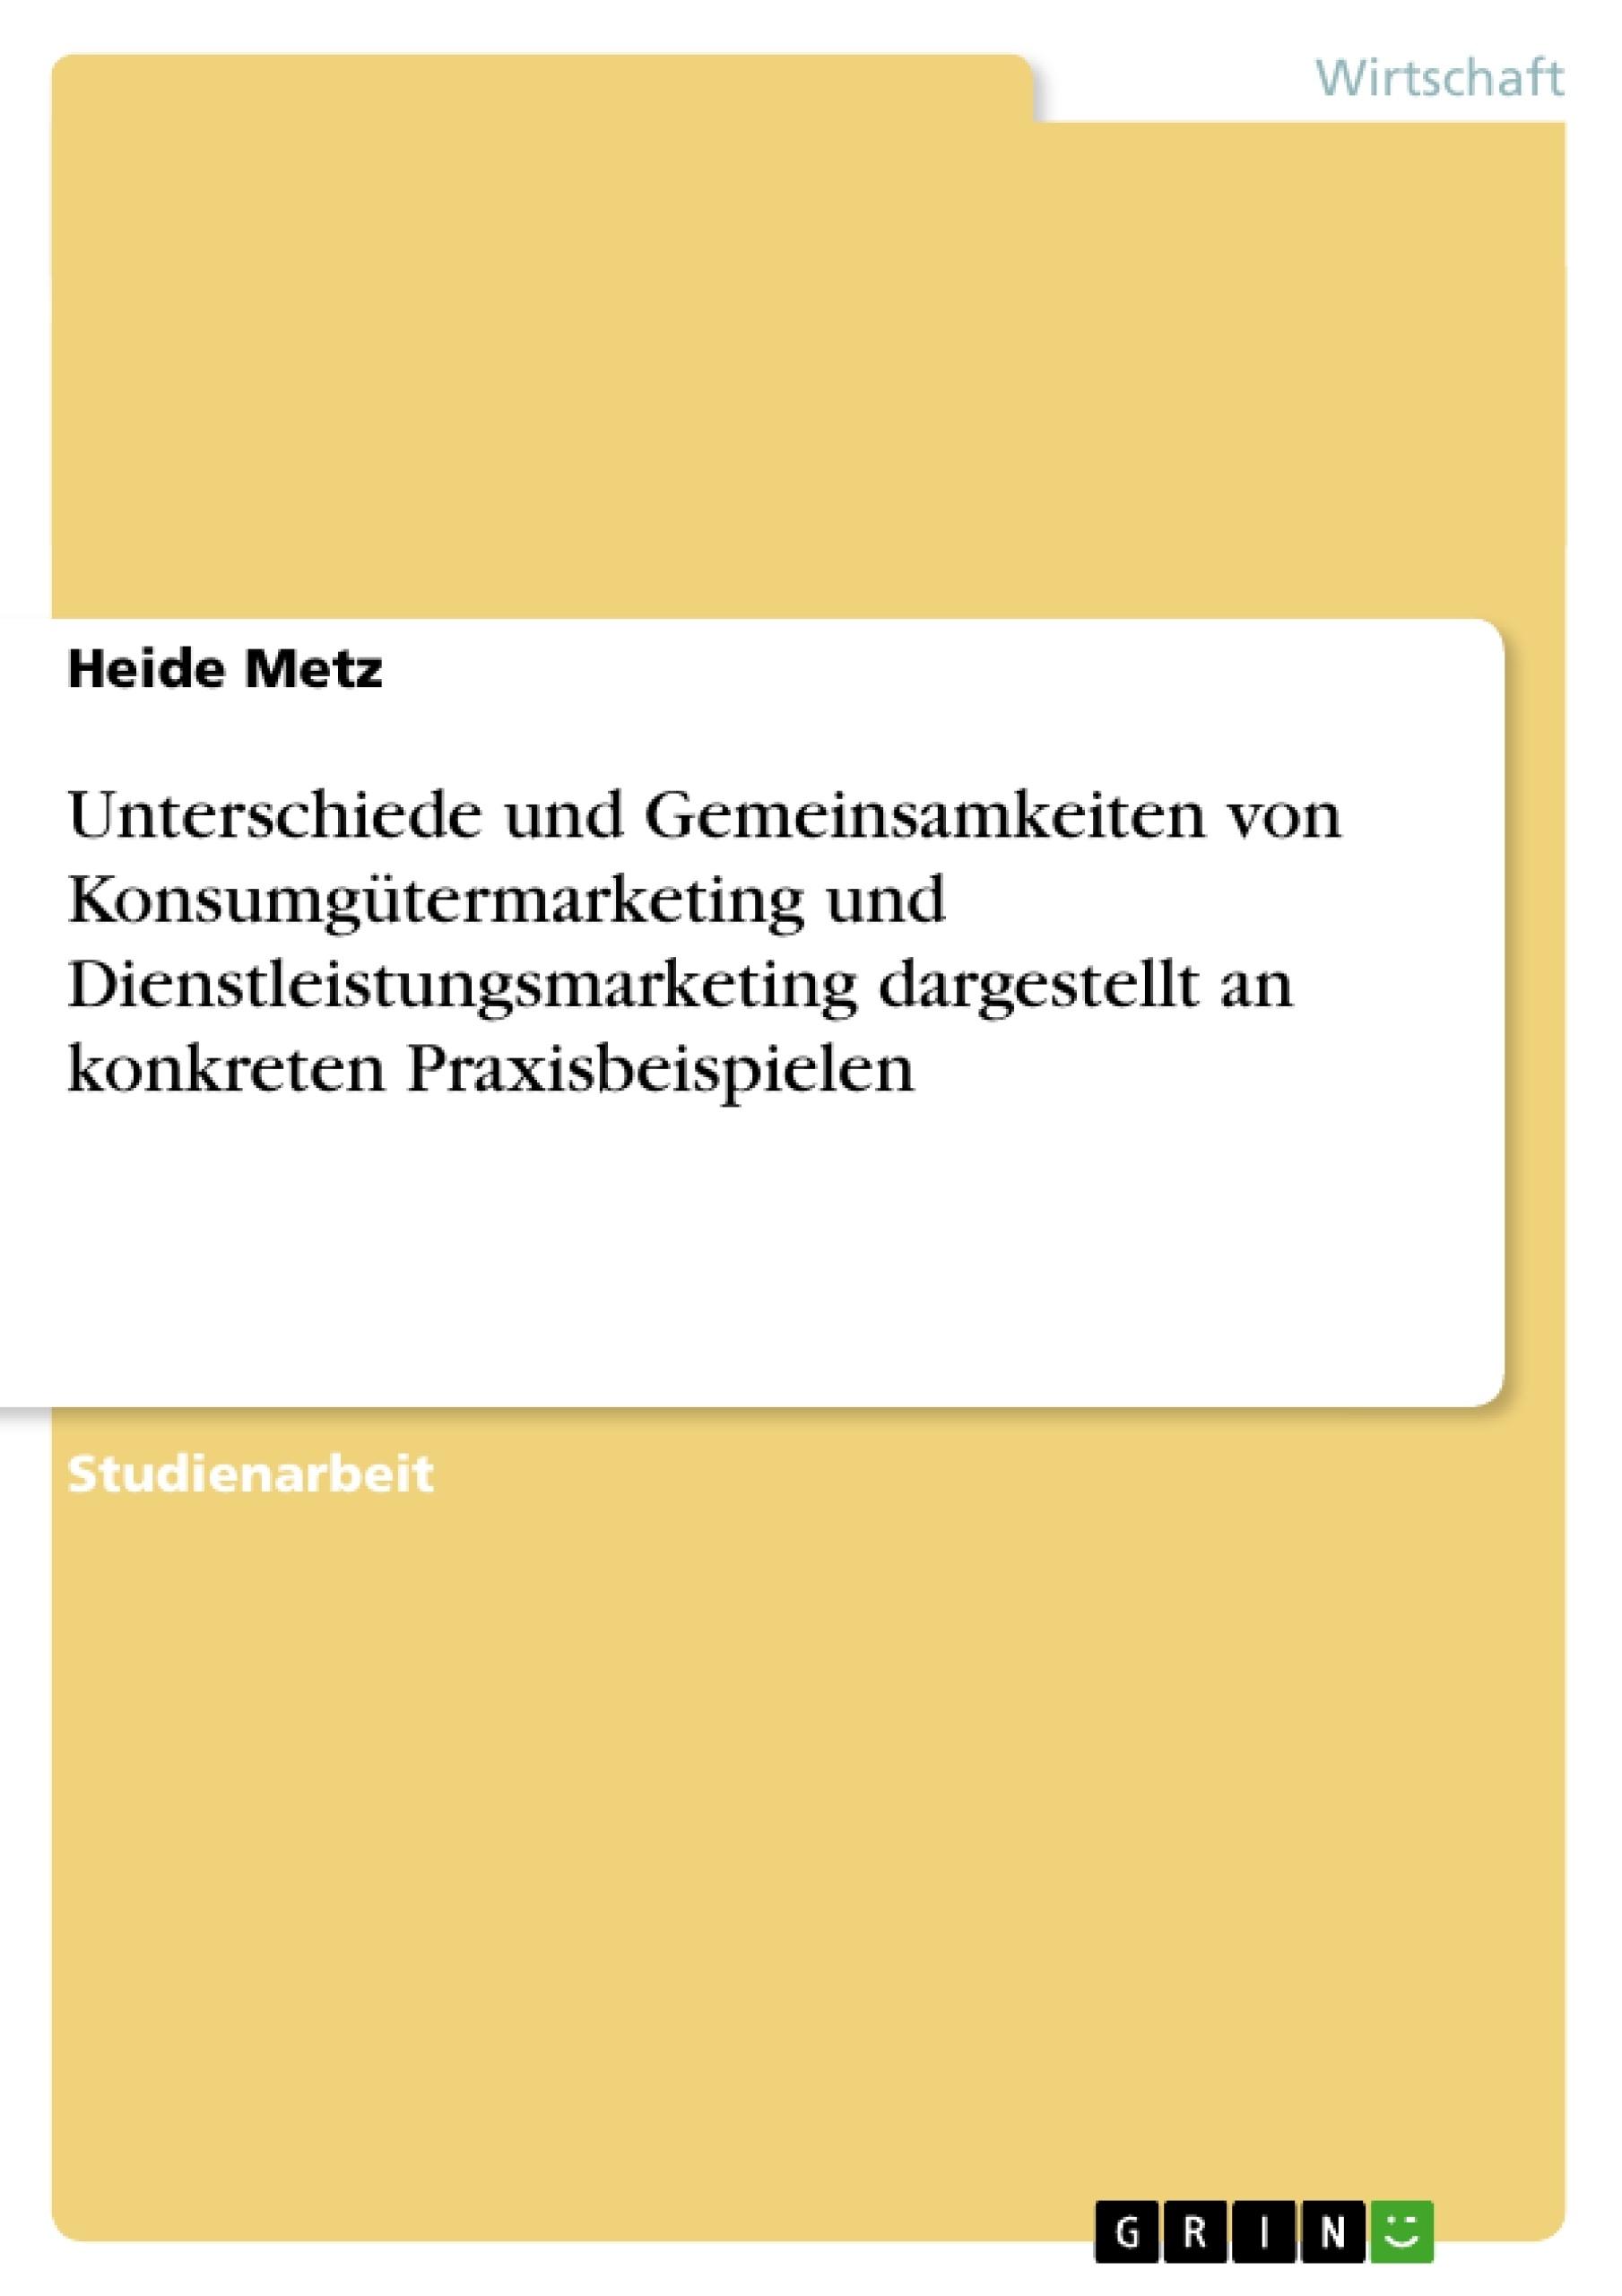 Titel: Unterschiede und Gemeinsamkeiten von Konsumgütermarketing und Dienstleistungsmarketing dargestellt an konkreten Praxisbeispielen